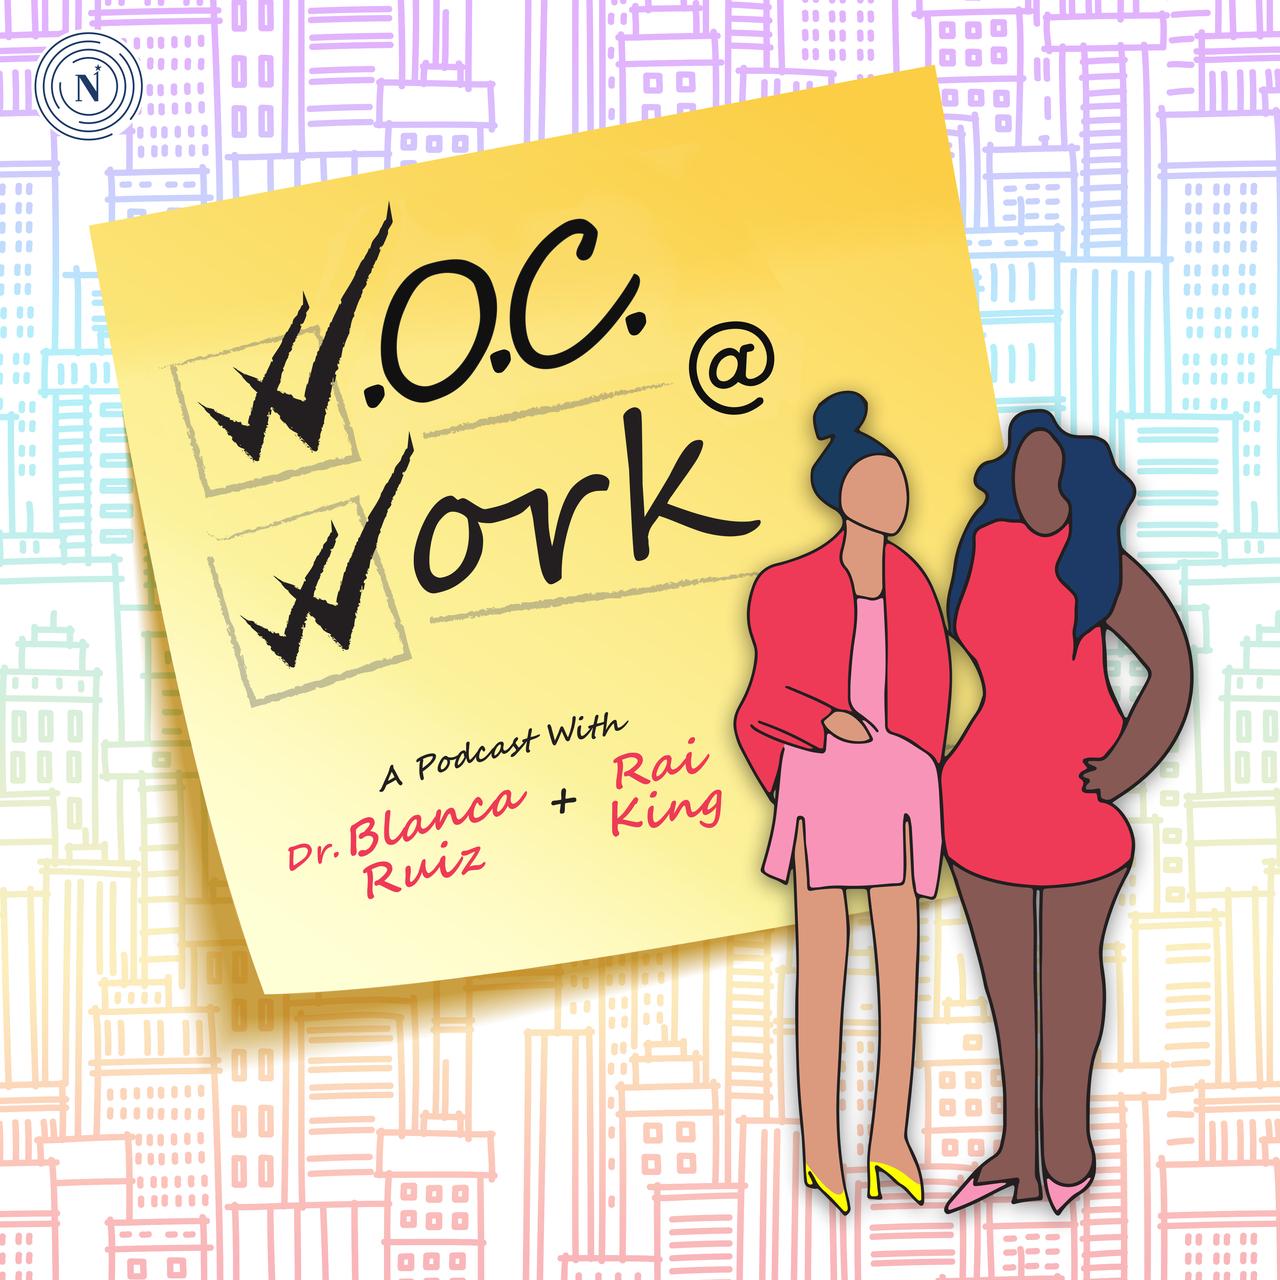 W.O.C. At Work